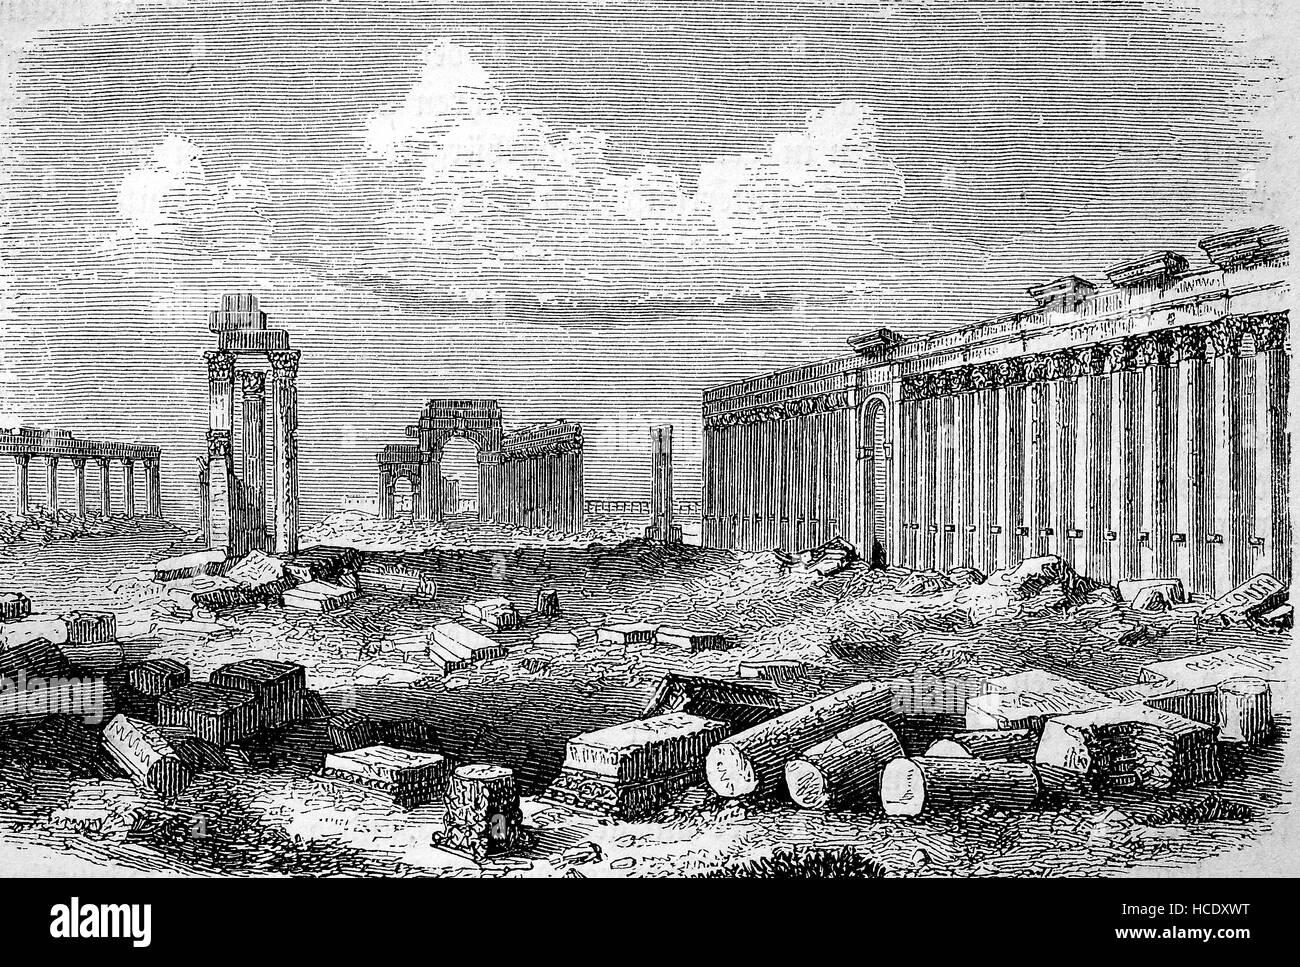 Les ruines de Palmyre, en Syrie, en 300 de notre ère, l'histoire de la Rome antique, Empire romain, Italie Photo Stock